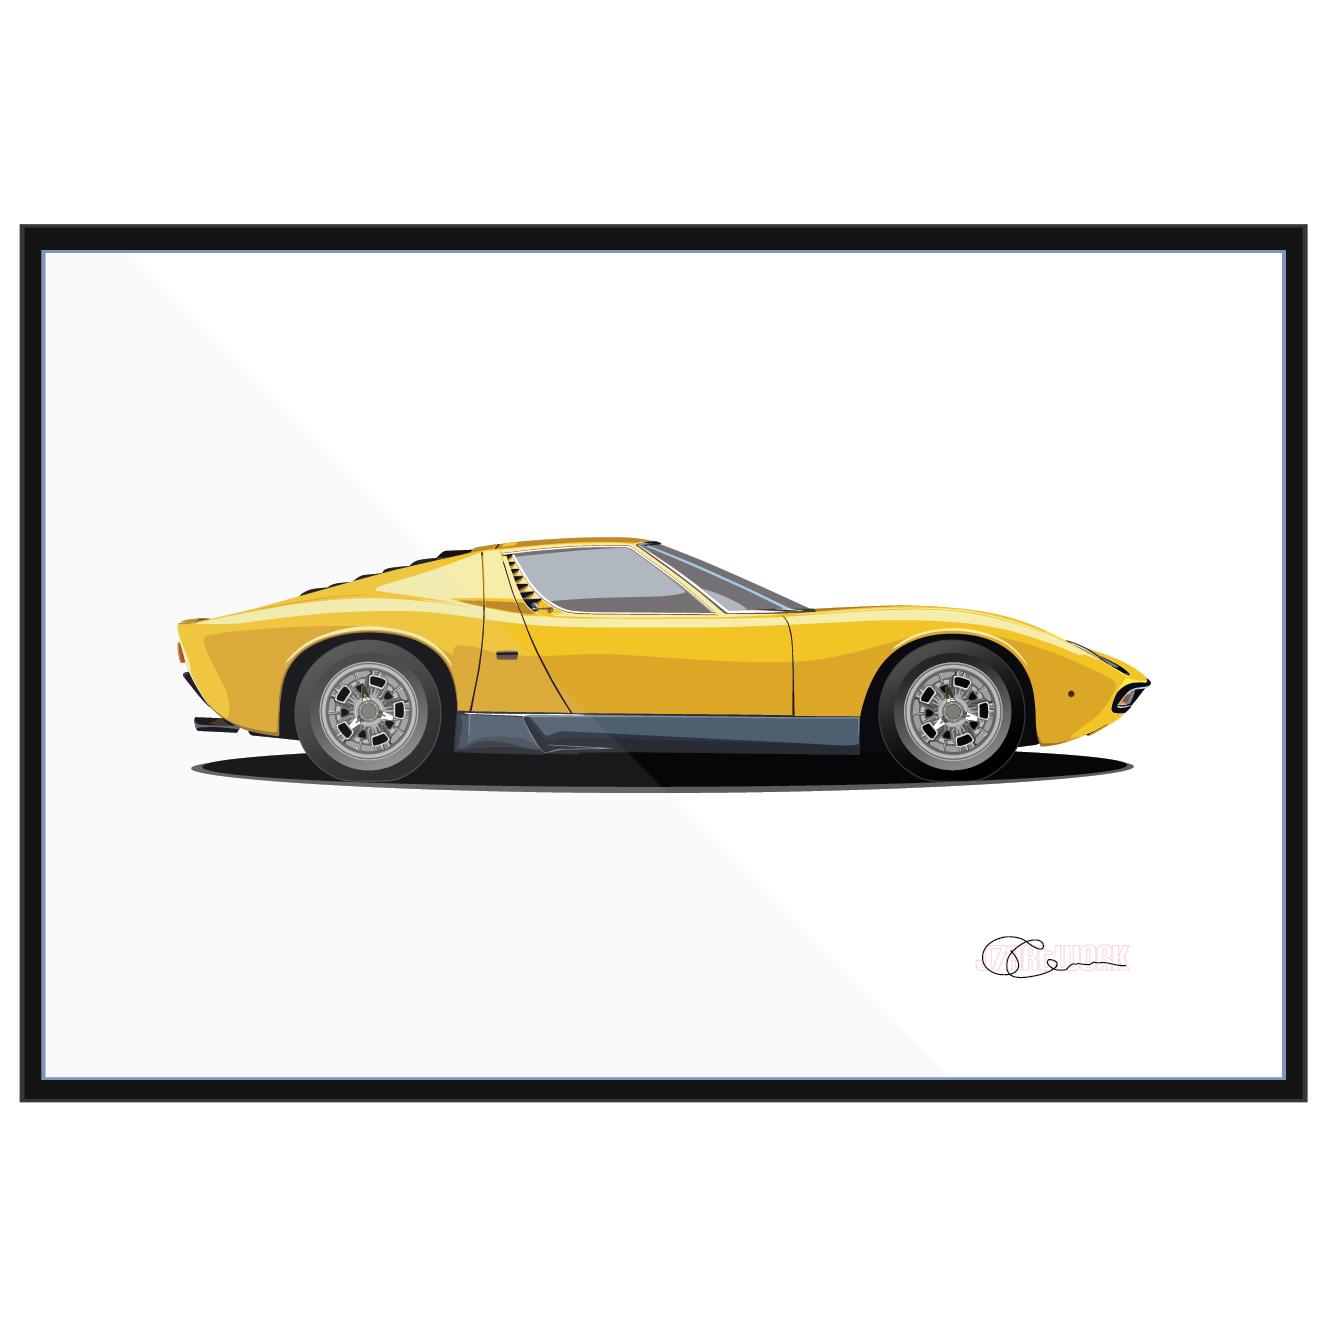 Lamborghini Miura Yellow J7artwork